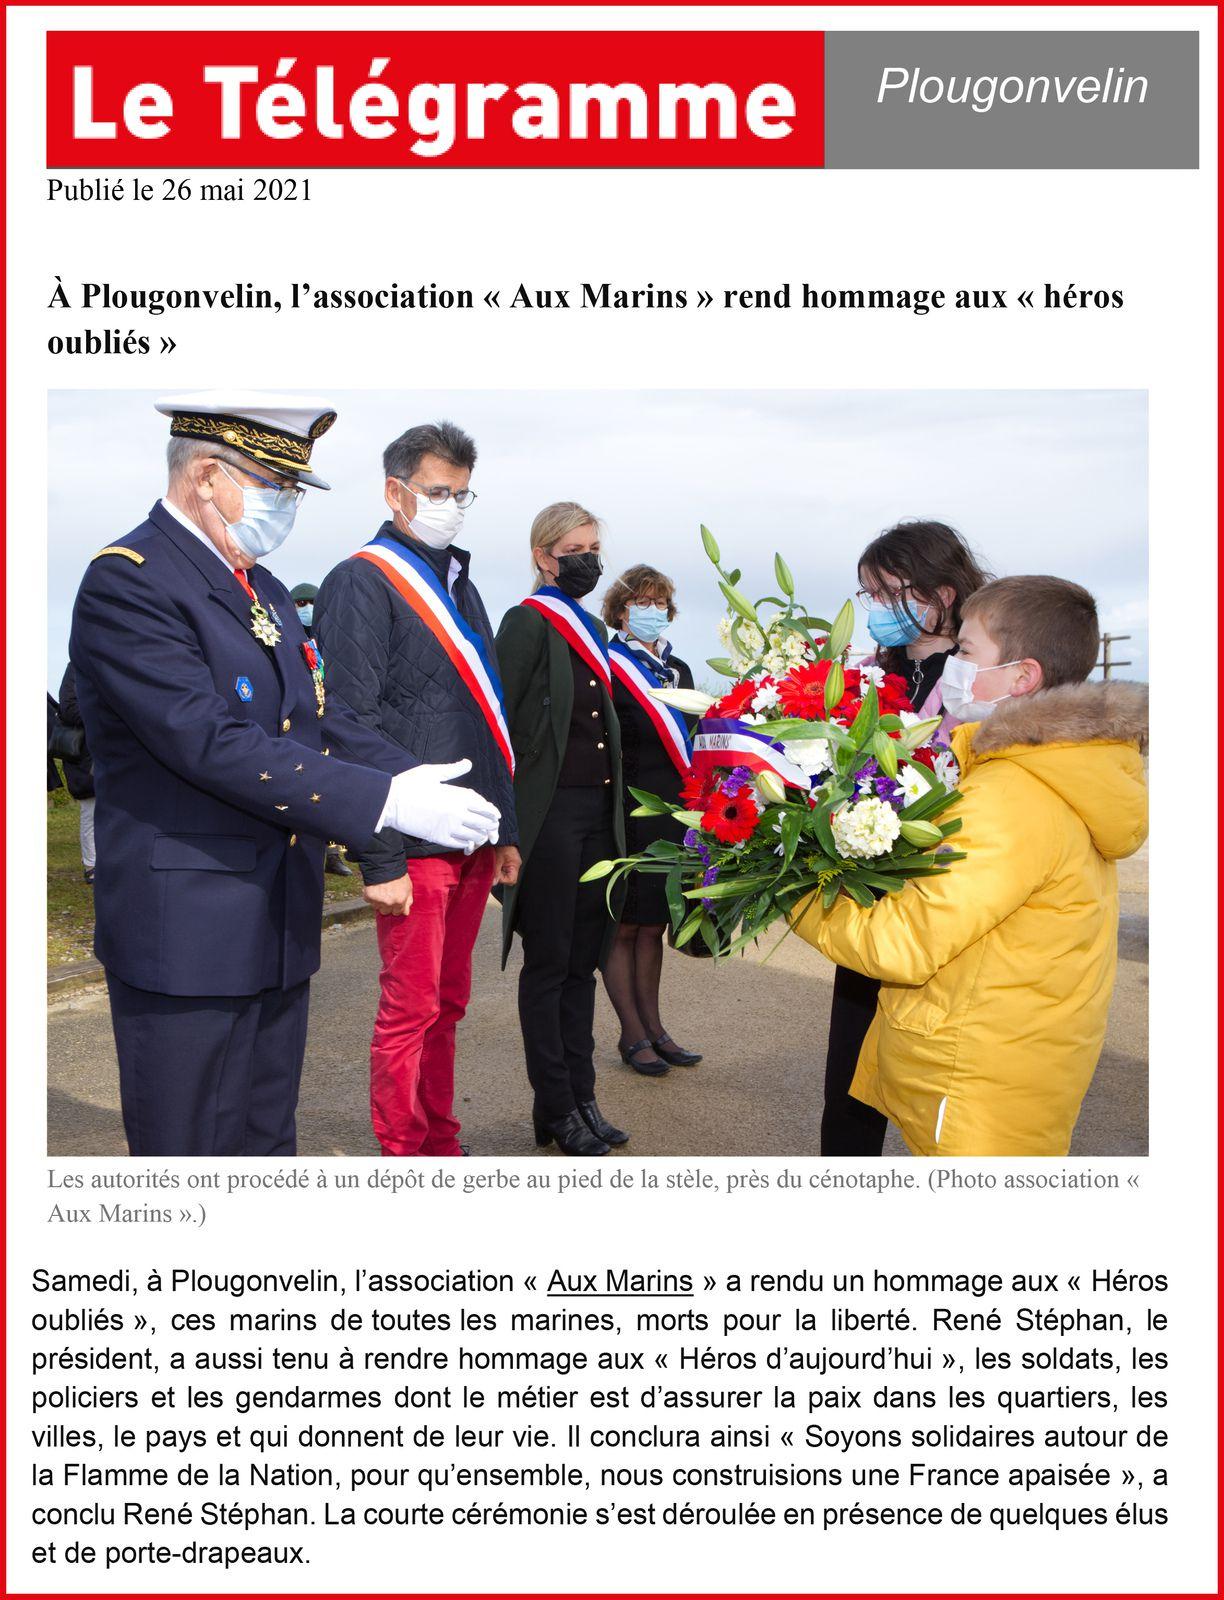 22 MAI 2021-CÉRÉMONIE DU SOUVENIR ET RAVIVAGE DE LA FLAMME DE LA NATION